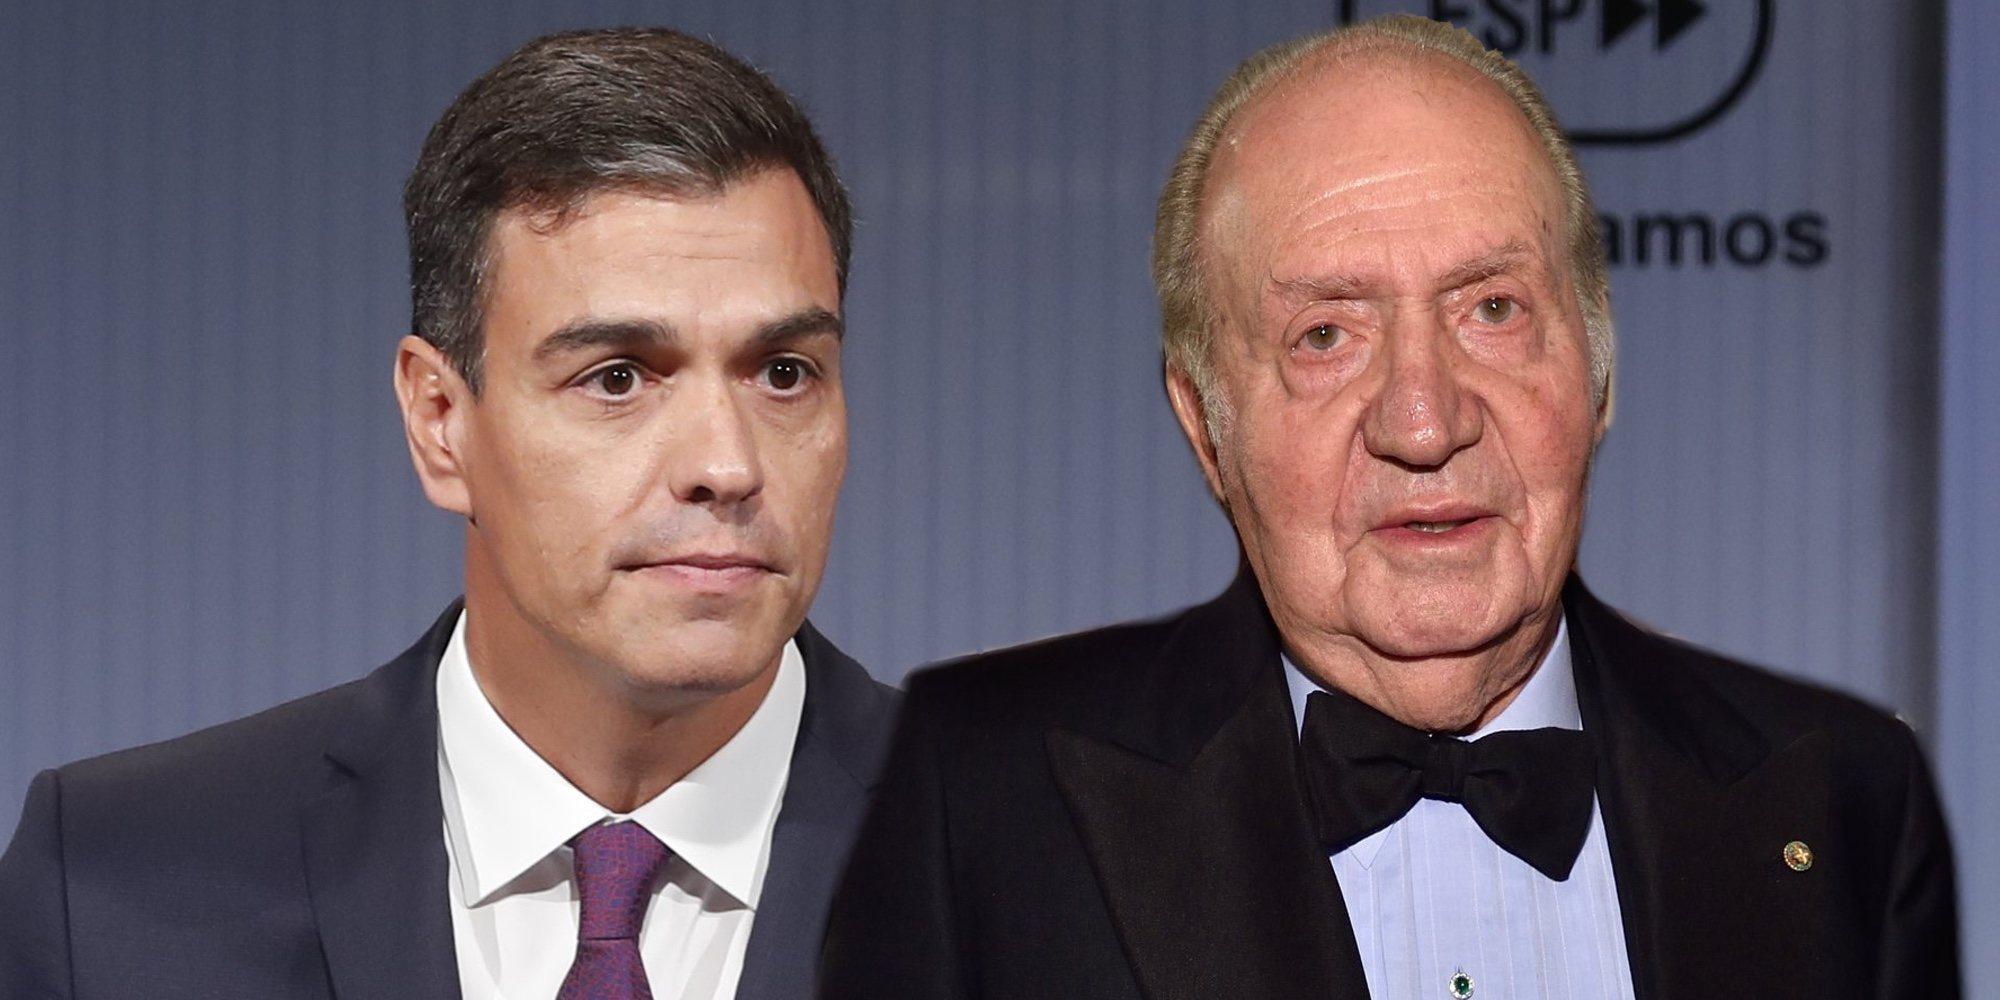 """Pedro Sánchez se pronuncia sobre la última actuación del Rey Juan Carlos: """"Se juzgan personas, no instituciones"""""""